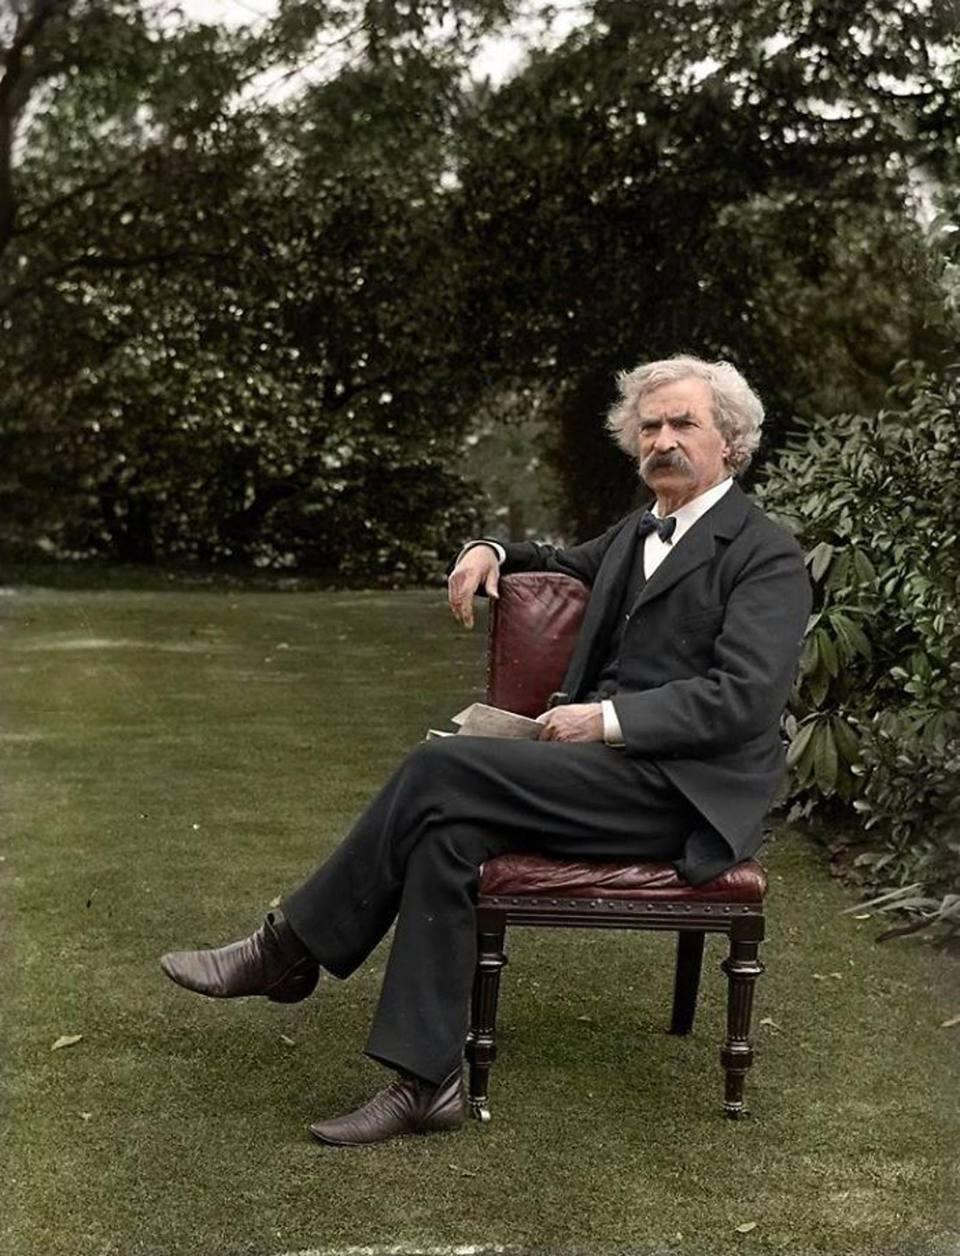 Ο συγγραφέας του διάσημου μυθιστορήματος «Οι περιπέτειες του Τομ Σόγιερ» Μαρκ Τουέιν